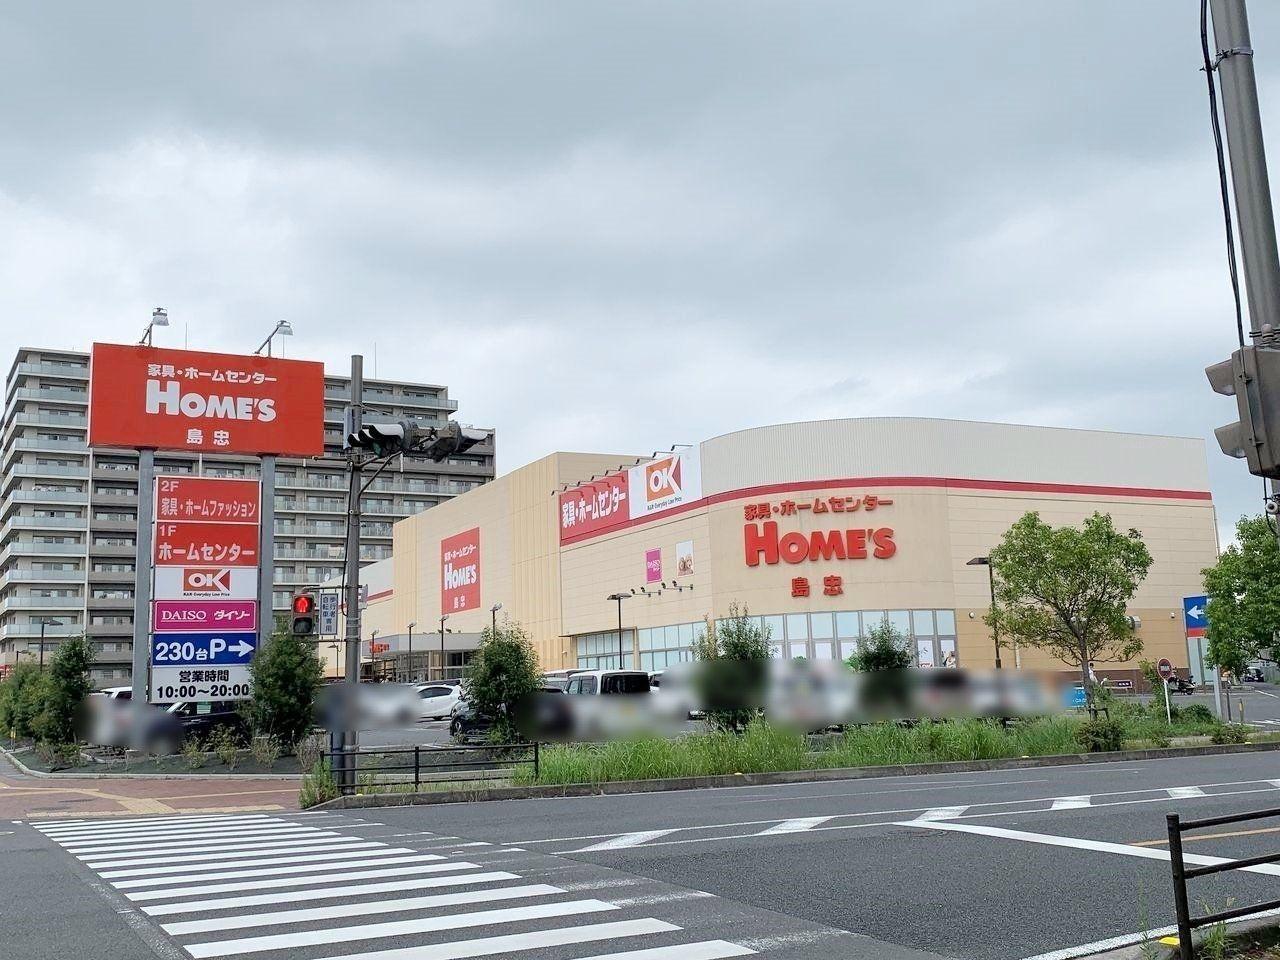 三郷市中央3-33-8 営業時間:10:00~20:00 つくばエクスプレス三郷中央駅徒歩約3分